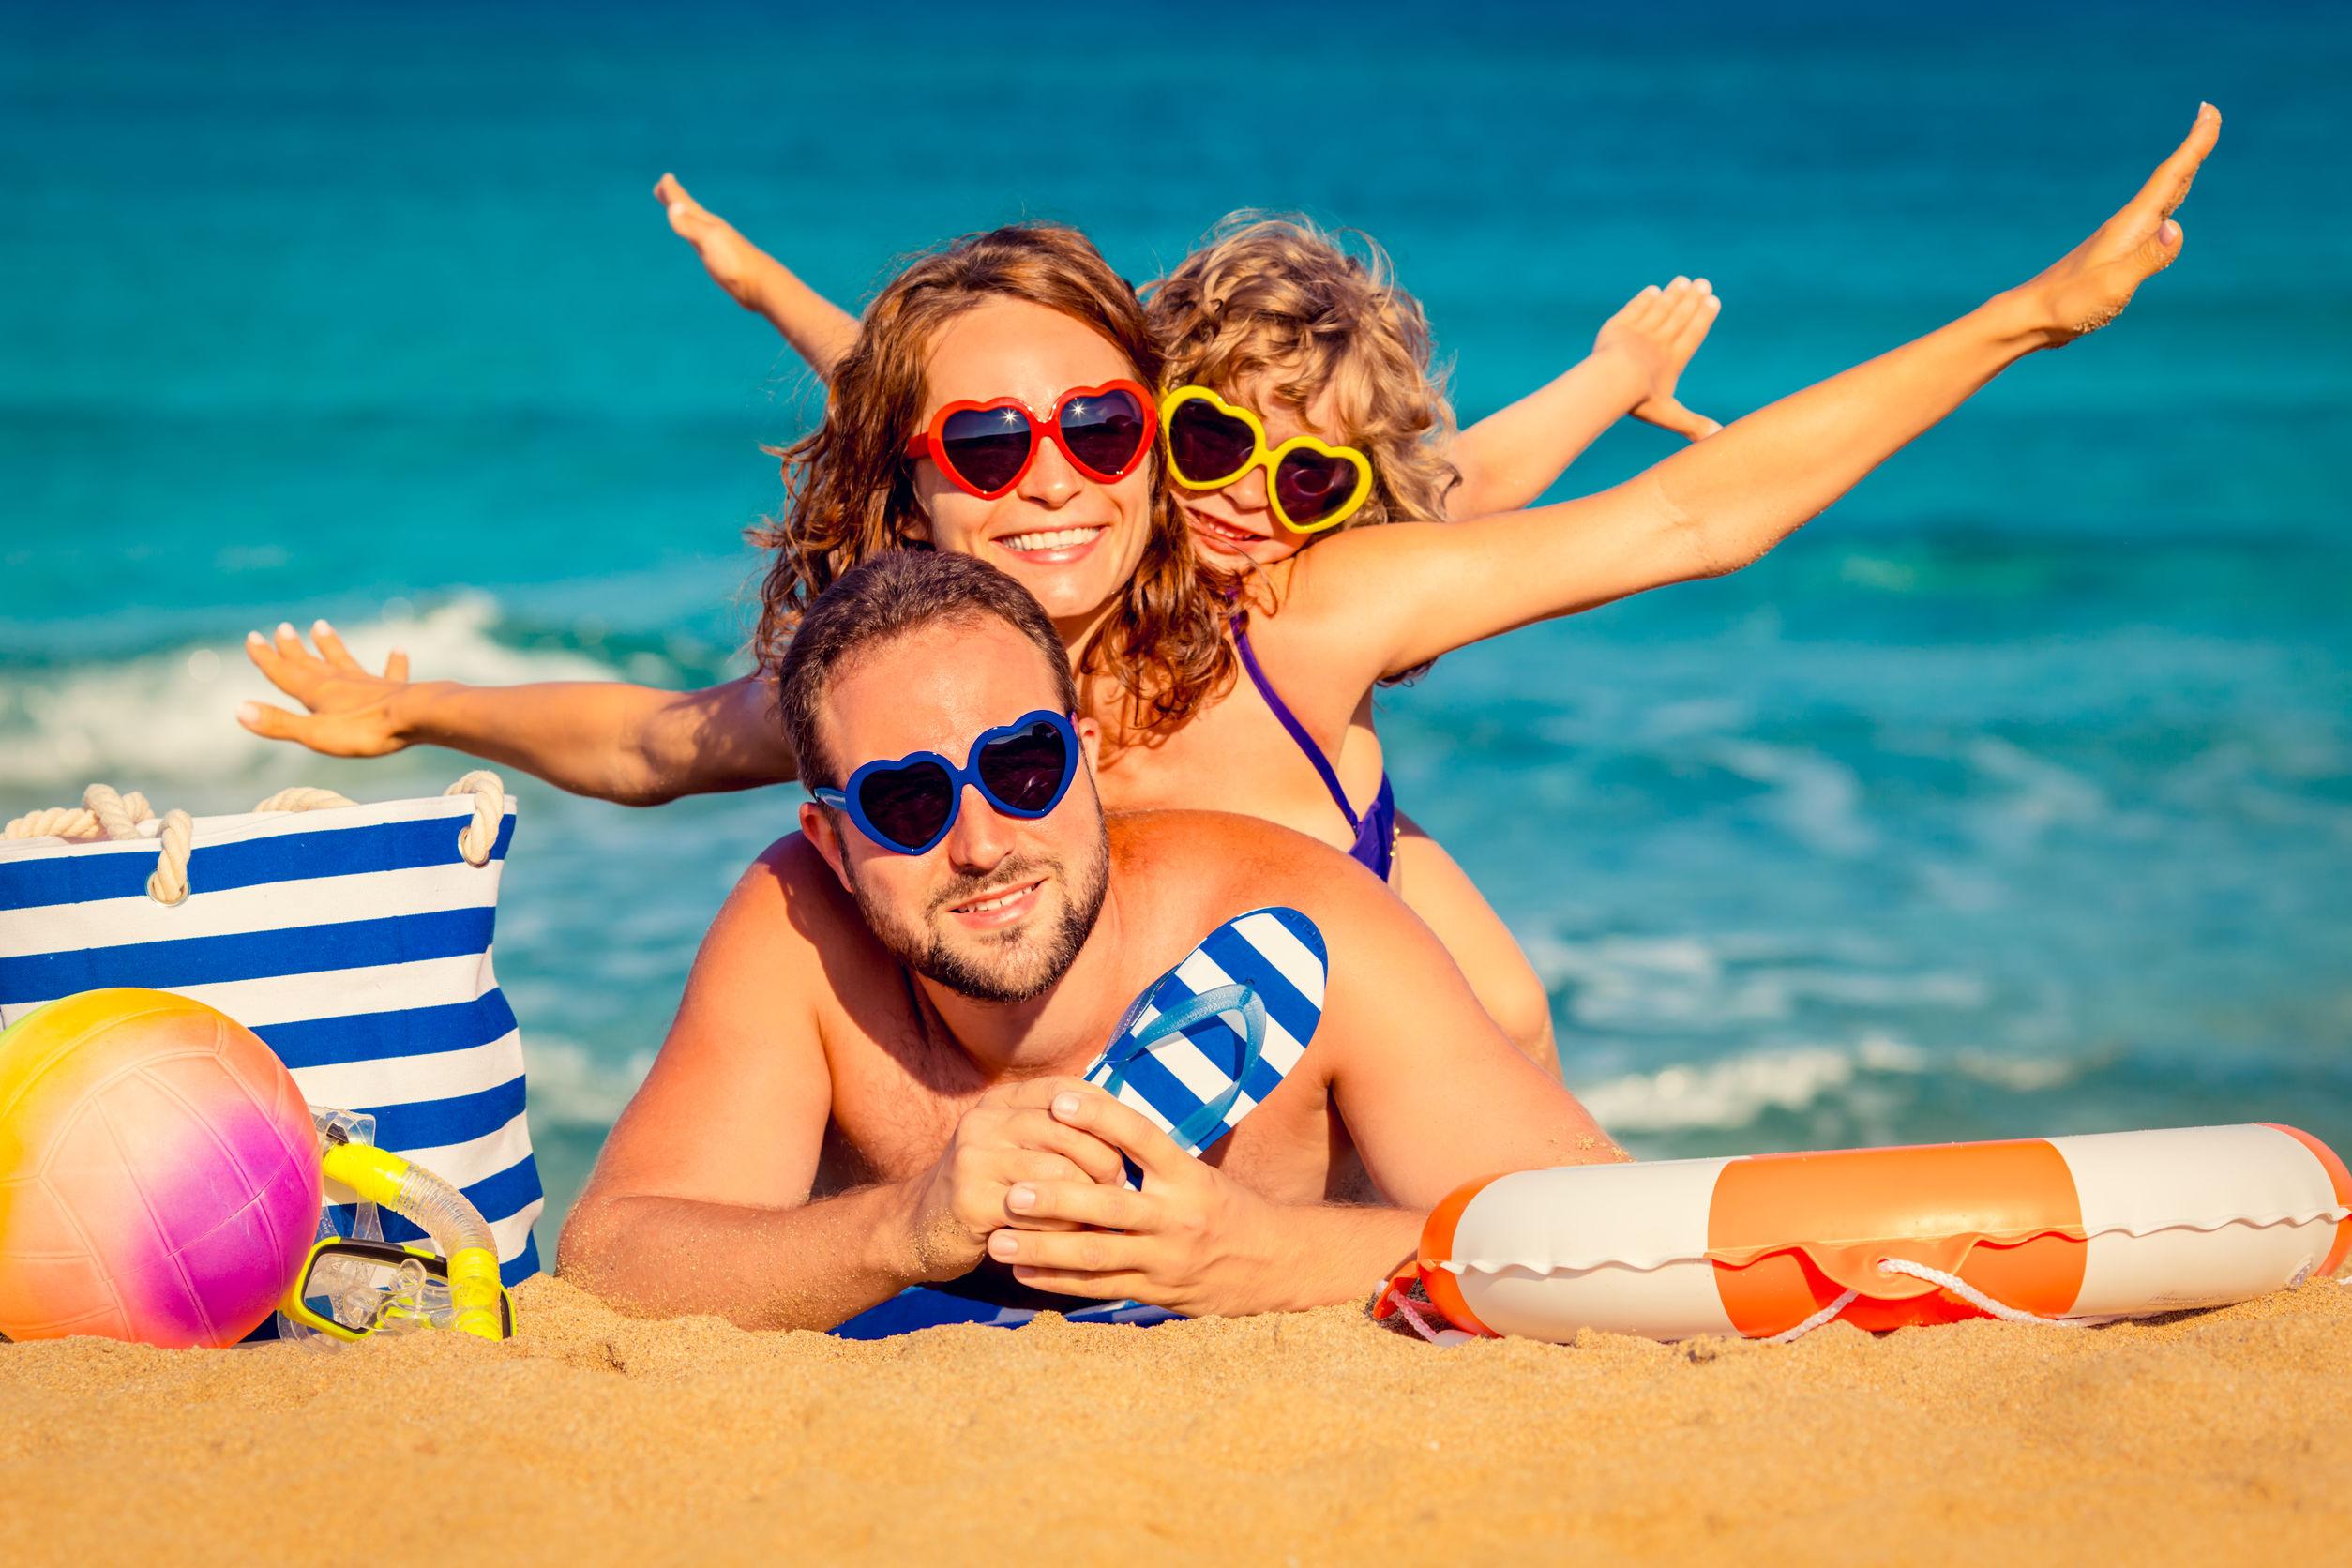 пляжный отдых фотографий предприимчивые люди решили